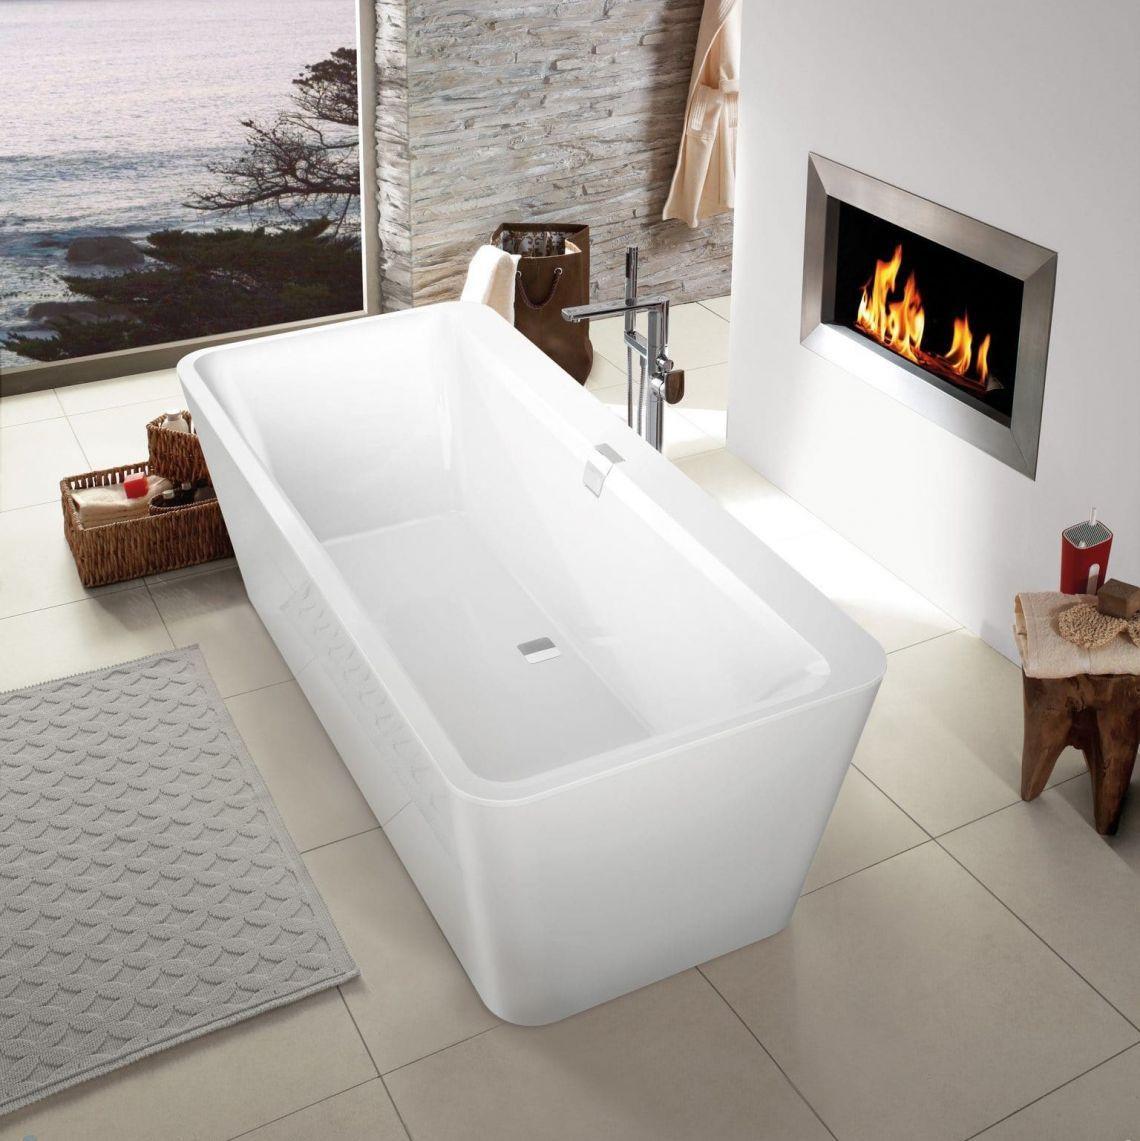 Ванна квариловая Villeroy & Boch Squaro Edge 12 Duo 180х80, білий (UBQ180SQE7PDV-01)